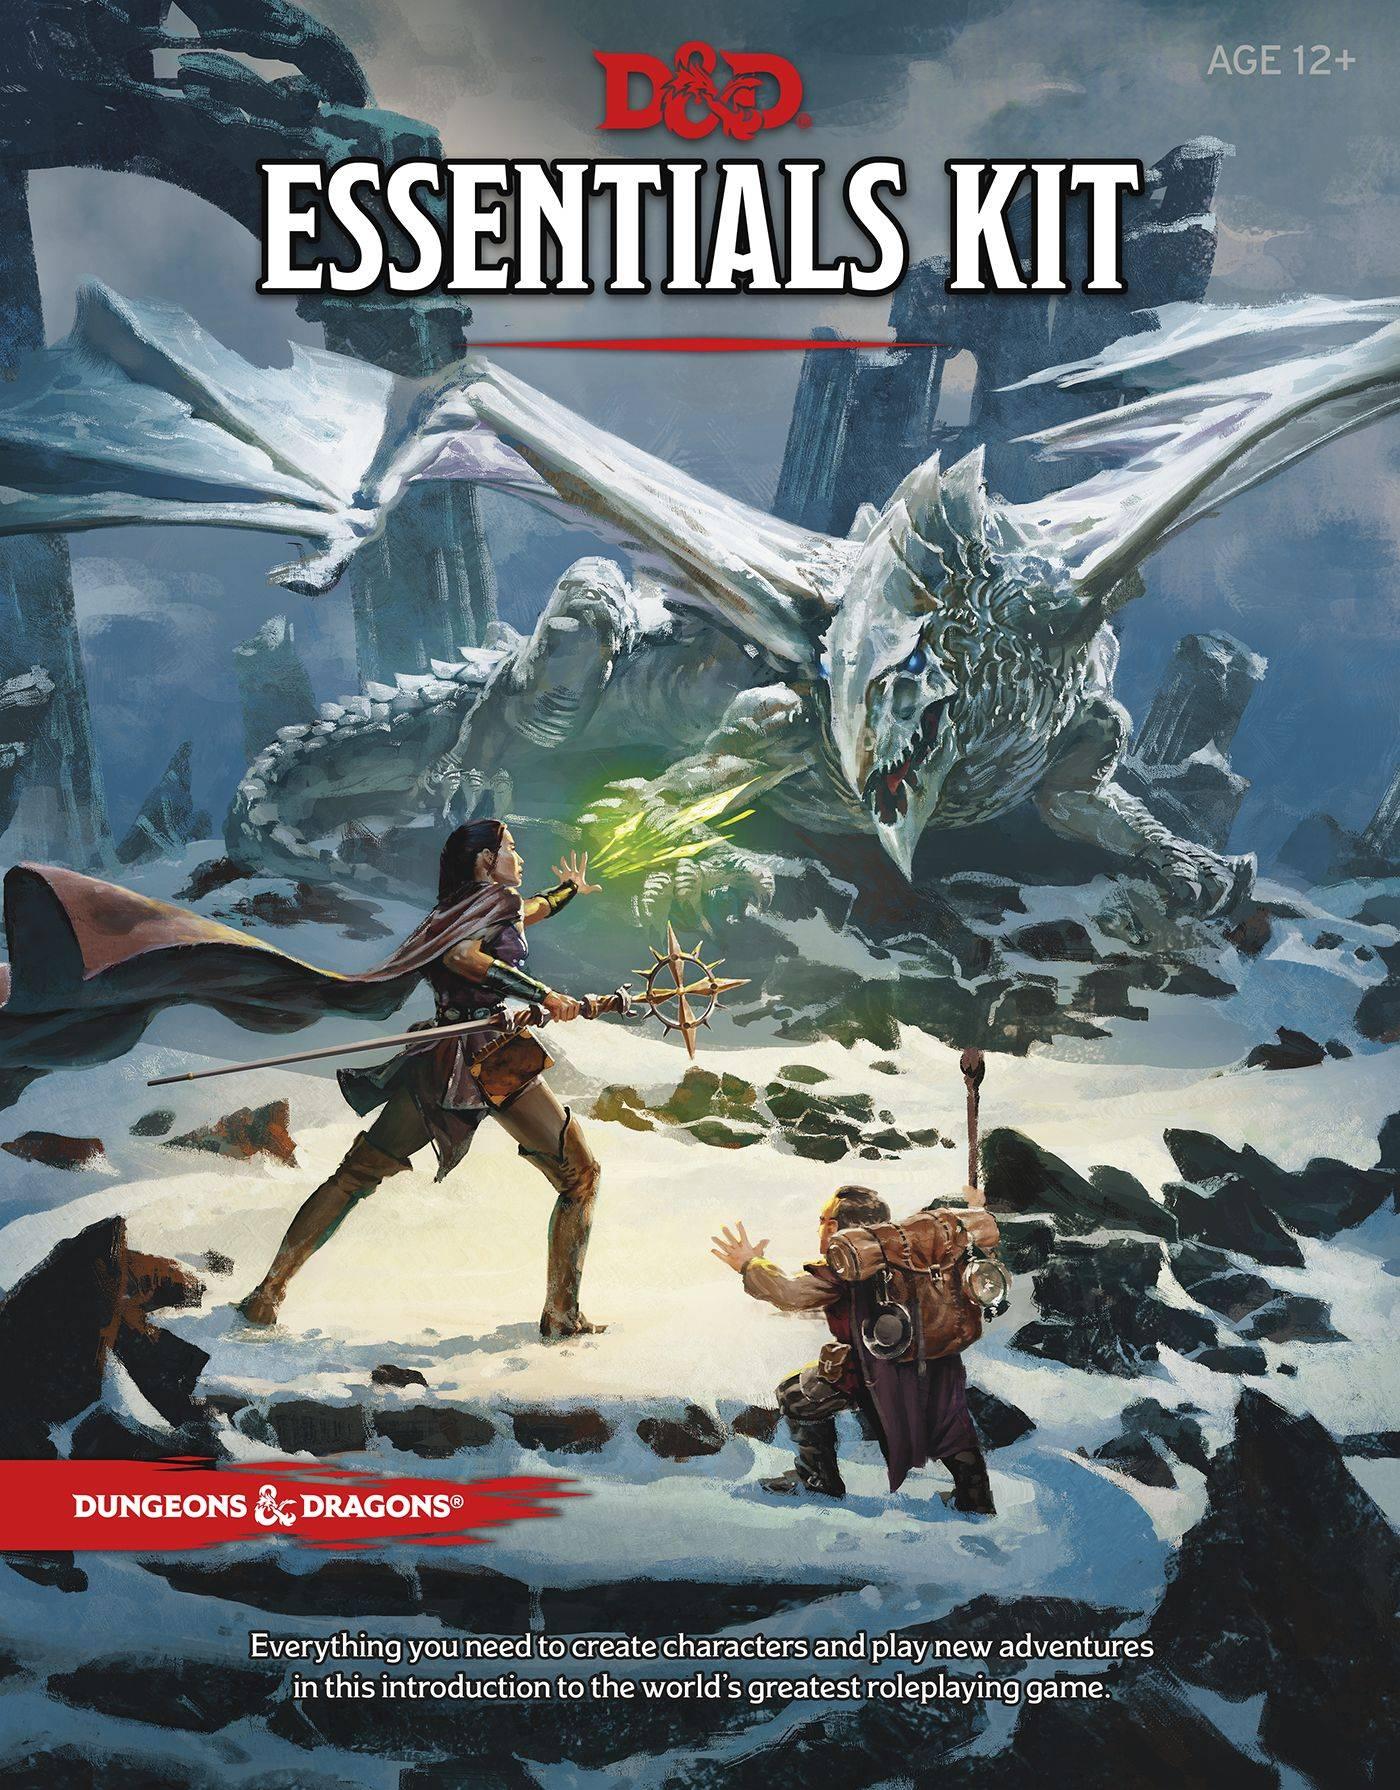 WotC объявили о выходе новой книги приключения для D&D — в ней герои отправятся в Ад 1